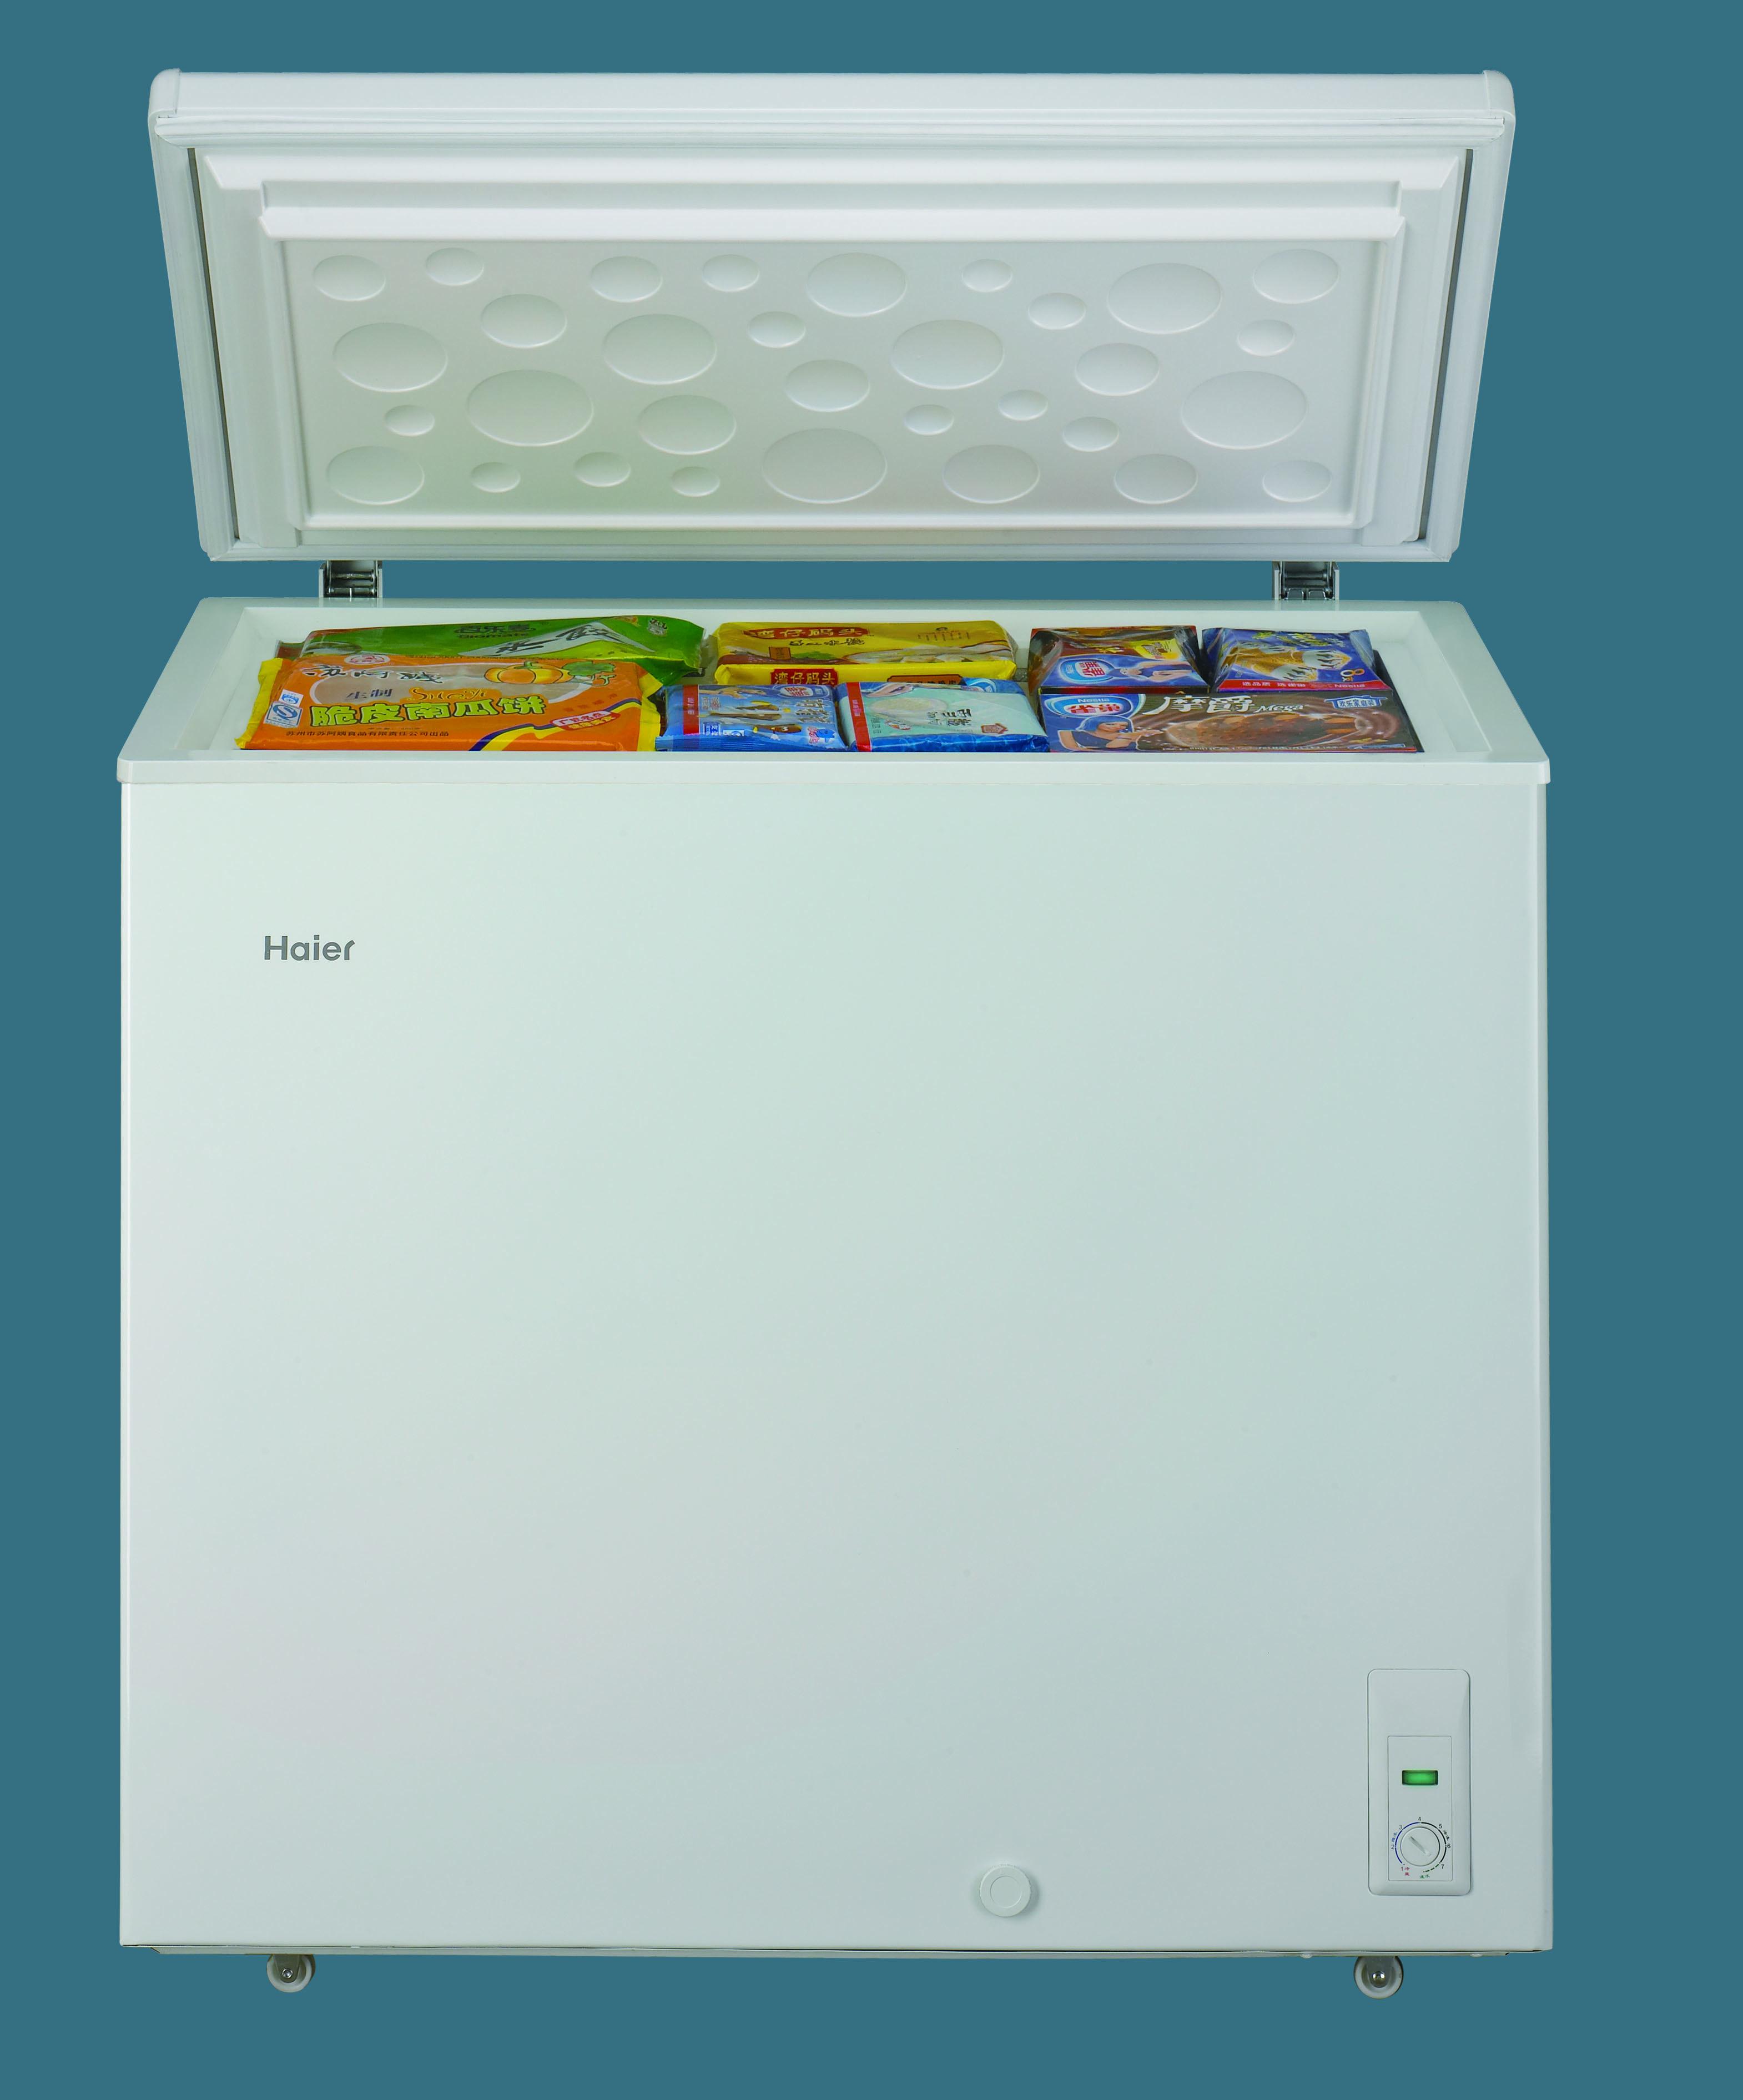 Haier Freezer Wiring Diagram. . Wiring Diagram on